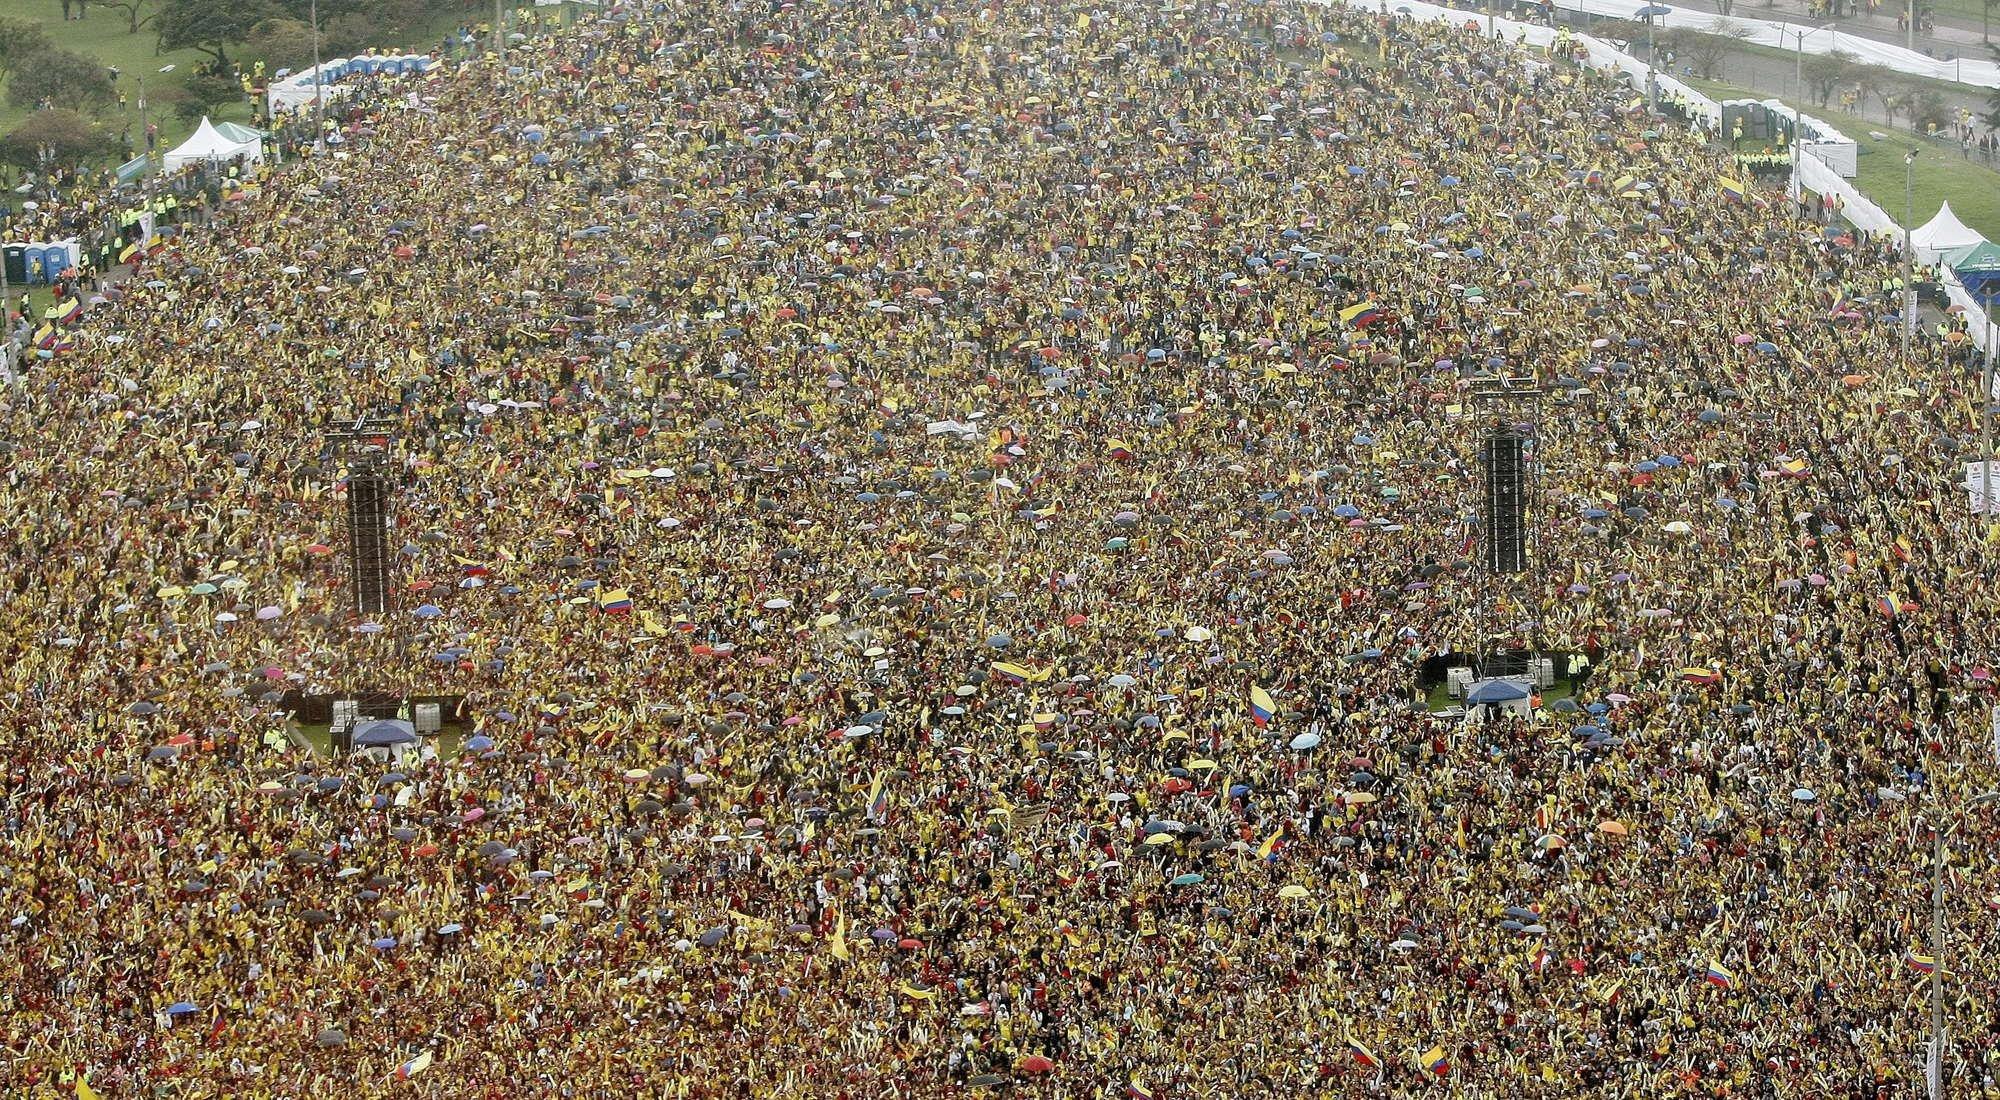 壮观!哥伦比亚队回国 万人迎接挤爆现场